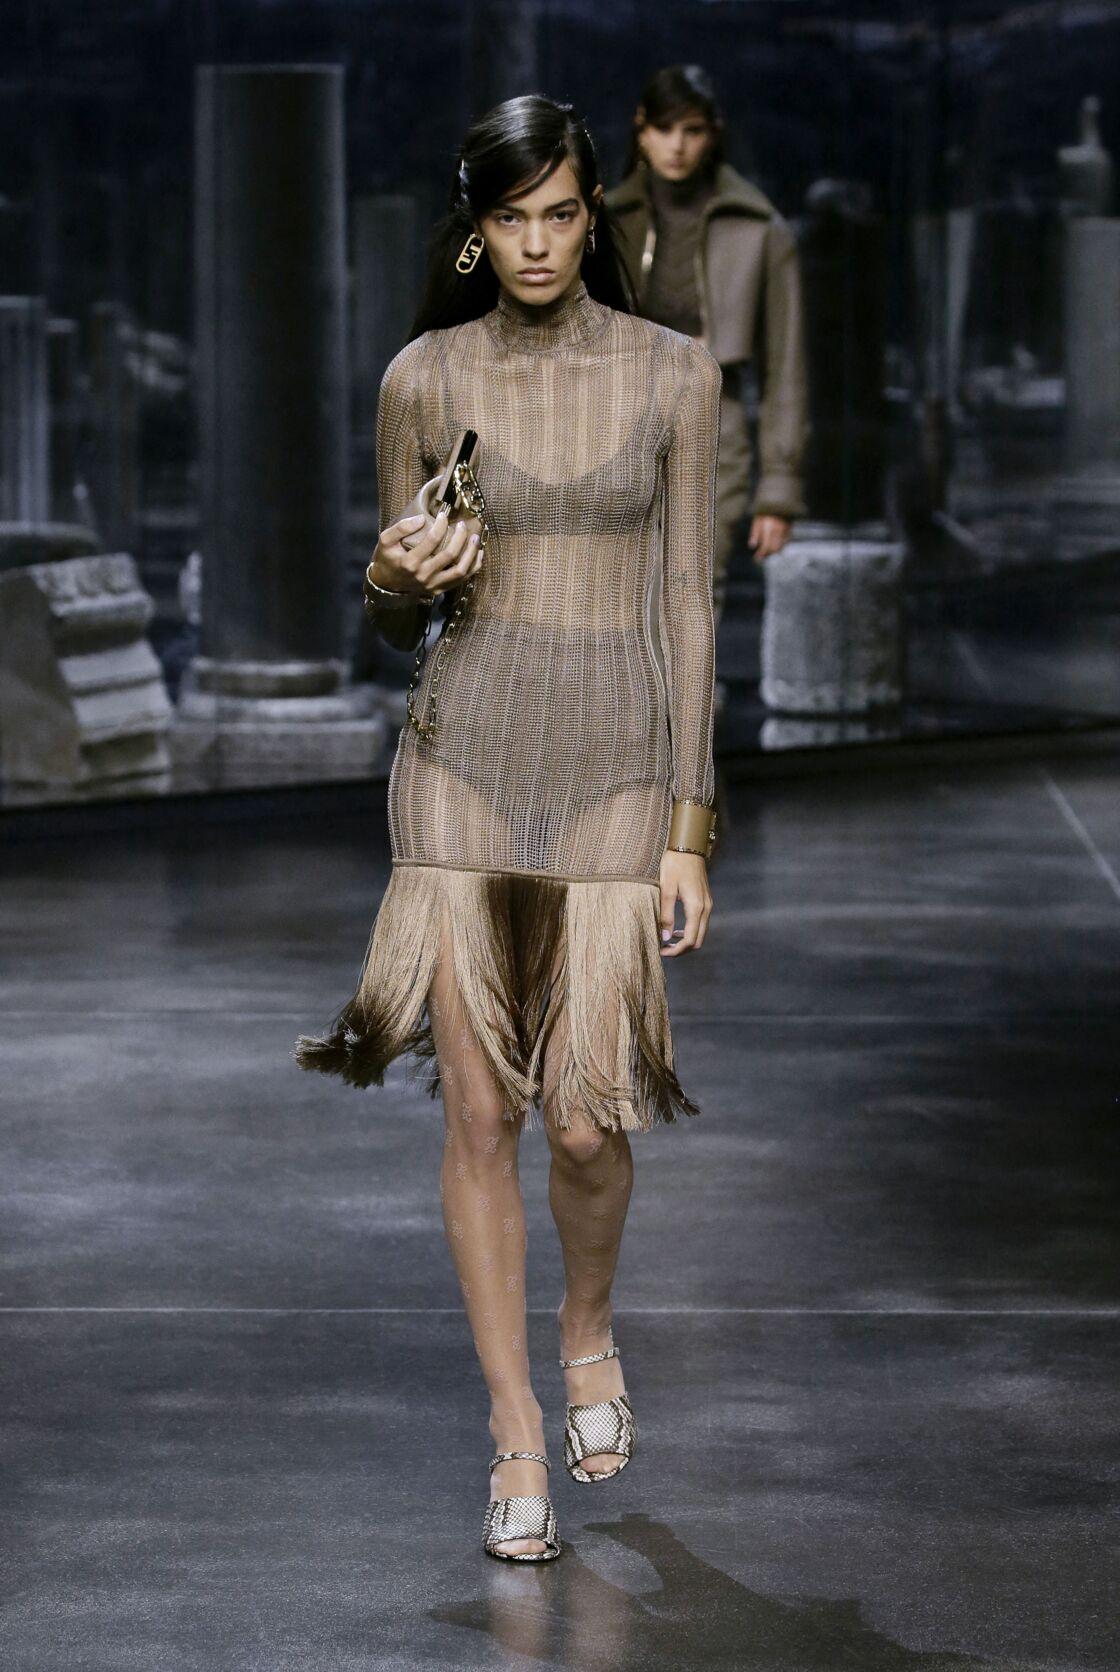 La robe à franges chez Fendi cet automne-hiver 2021/2022